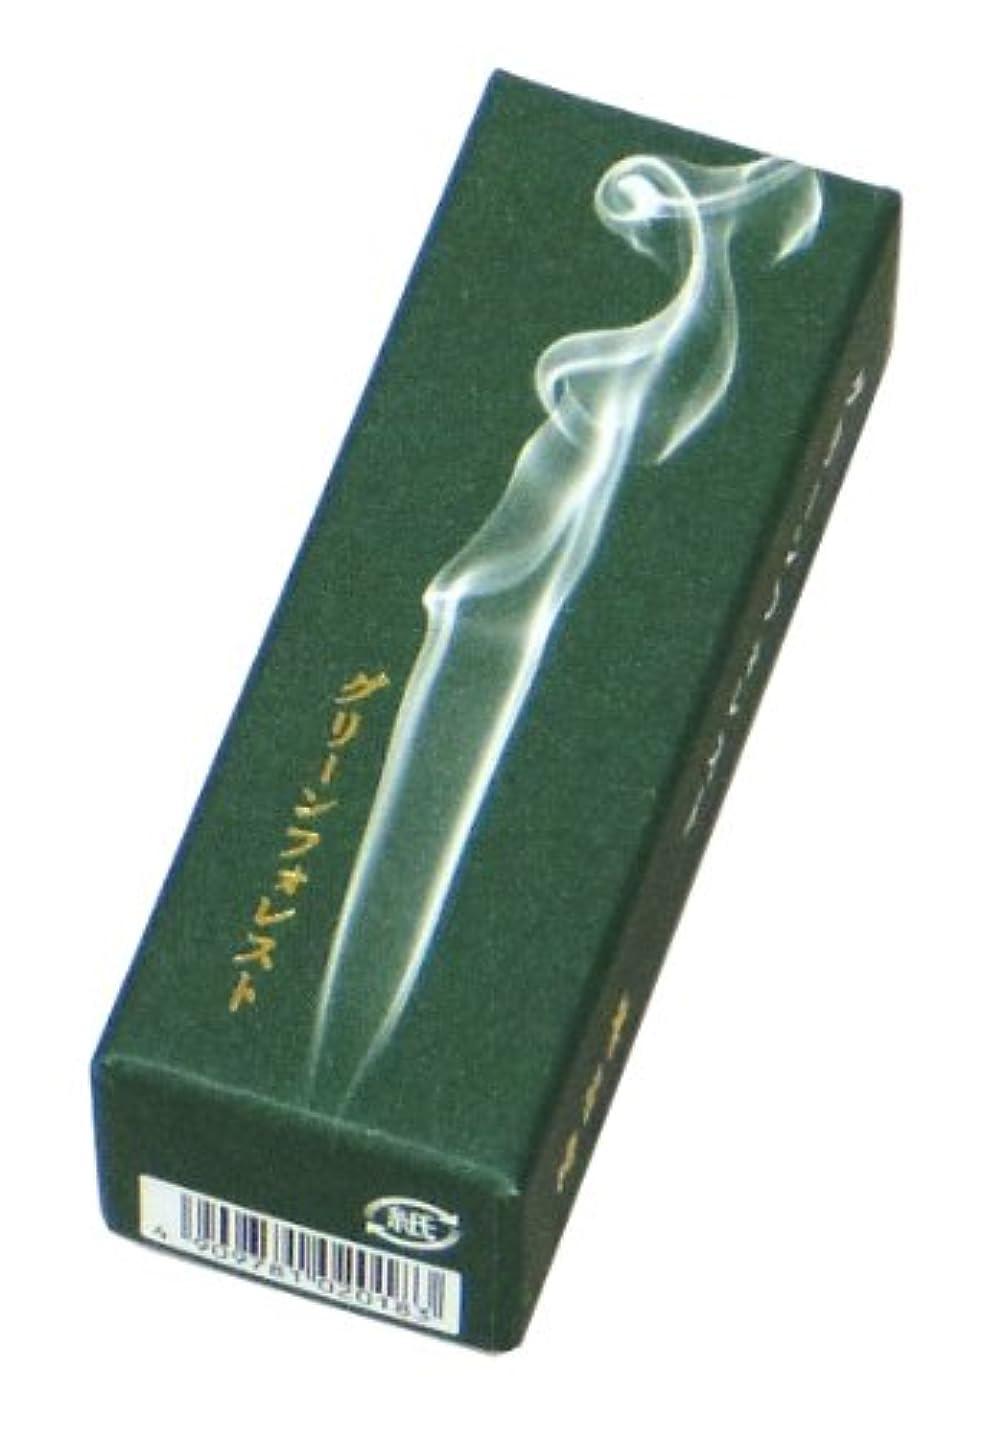 差別化する調整毛皮鳩居堂のお香 香水の香り グリーンフォレスト 20本入 6cm